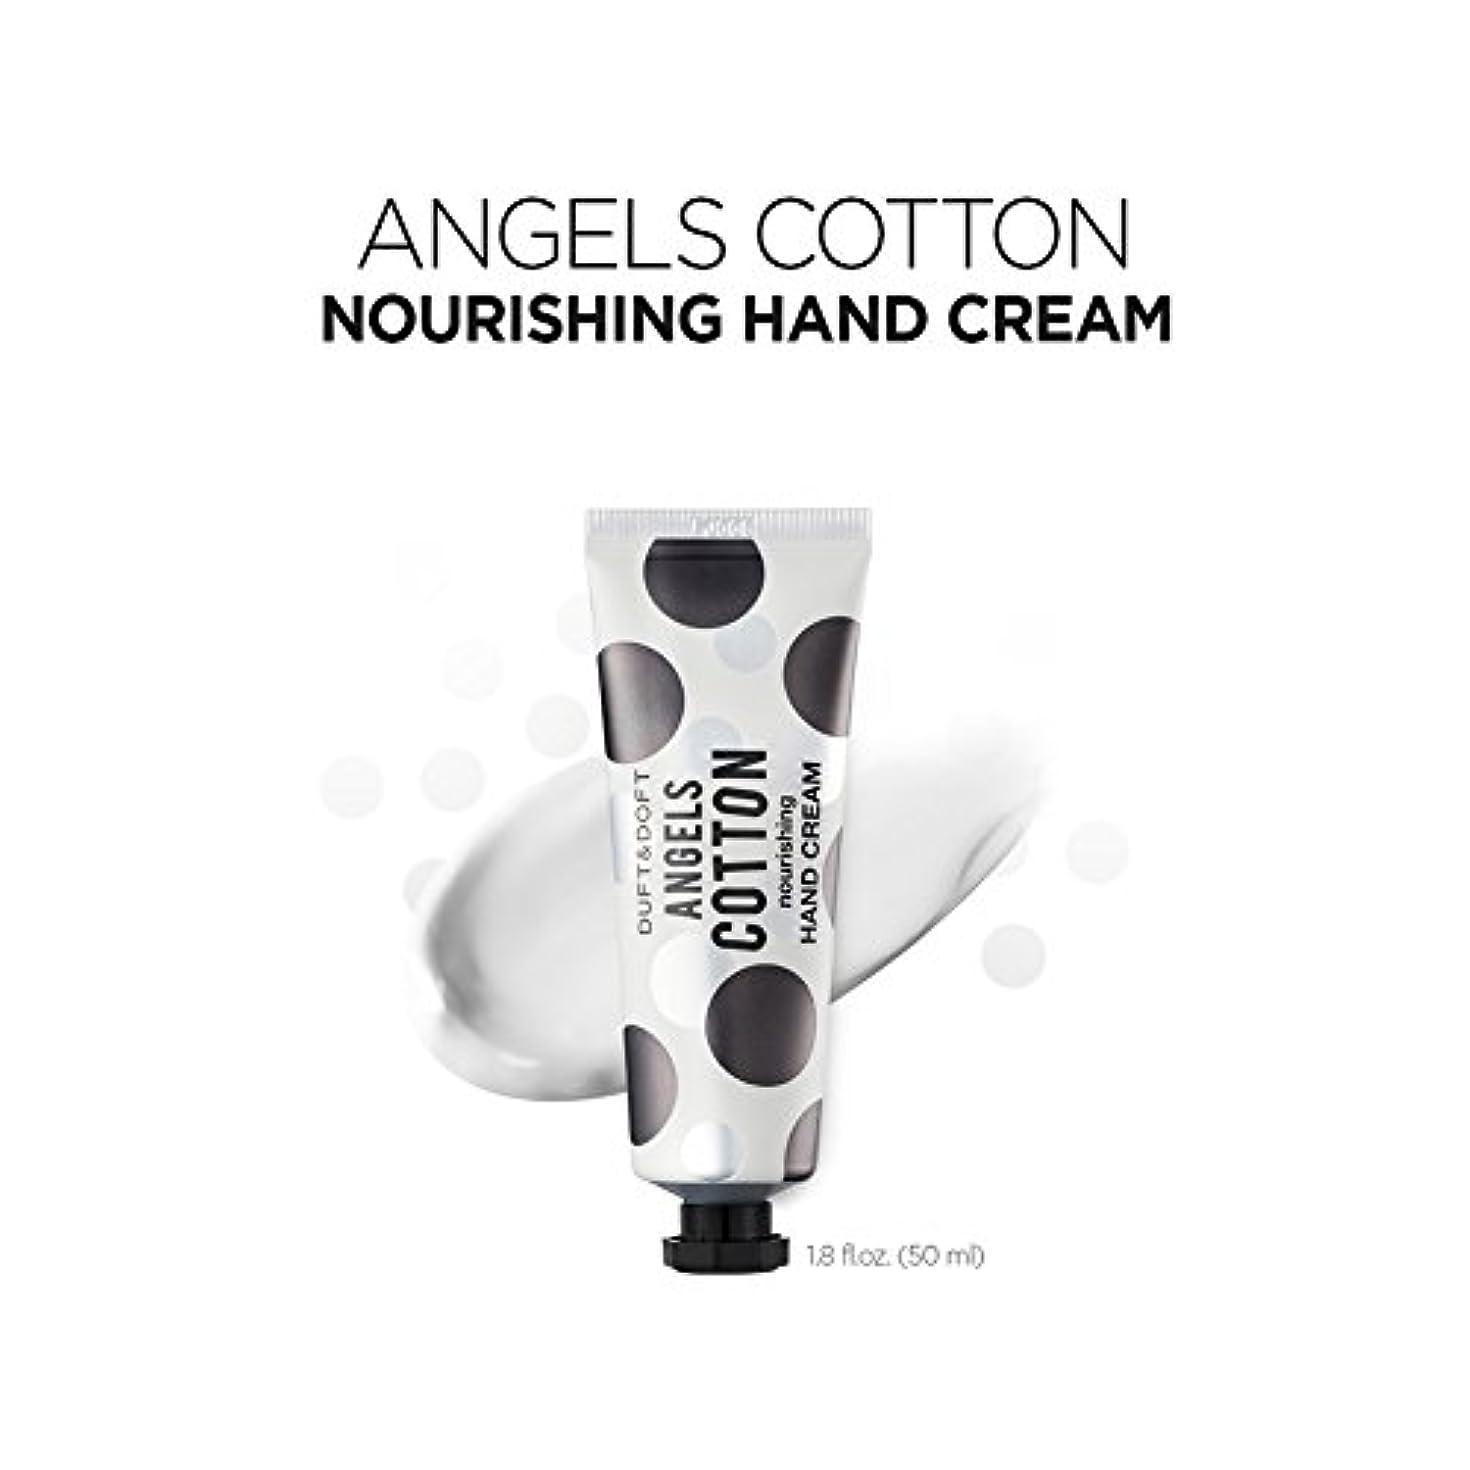 見習い筋肉の何でもゥフト&ドフト [DUFT&DOFT] エンジェルコットン ナリシング ハンドクリーム Angel Cotton Nourishing Hand Cream (50ml + 50ml) / 韓国製 韓国直送品